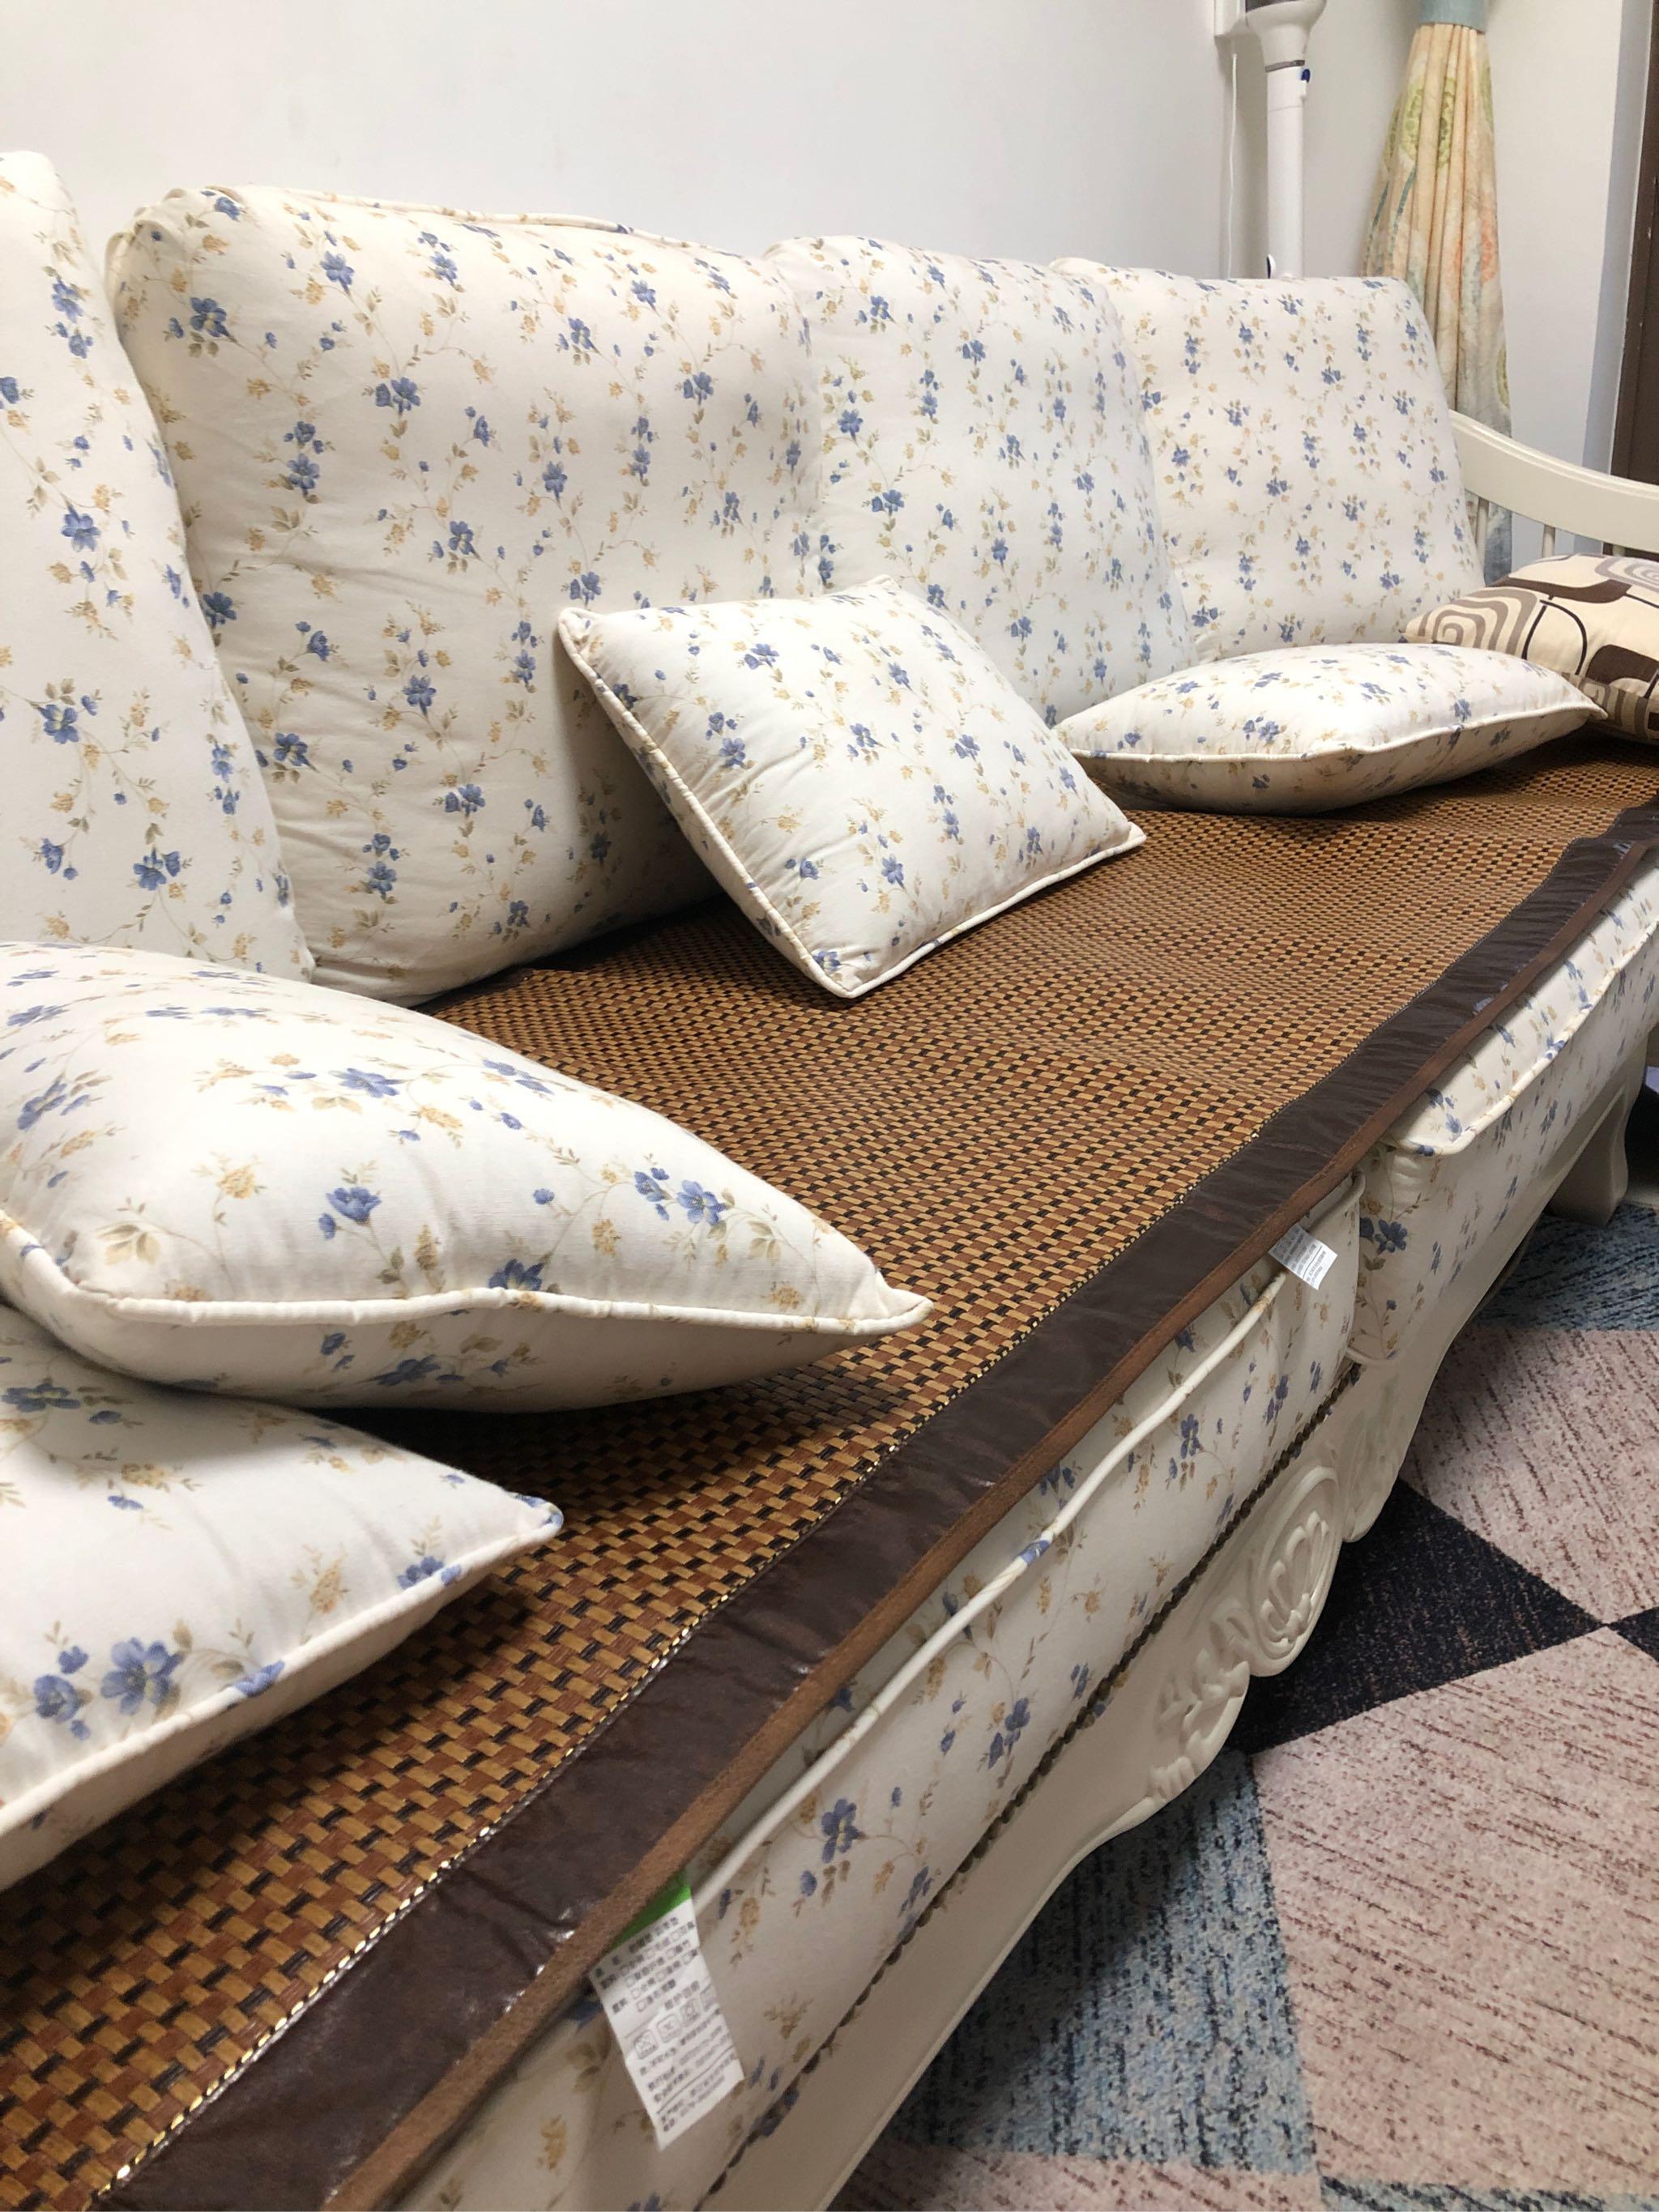 夏季藤席沙发垫这次买赚了,真实效果评测